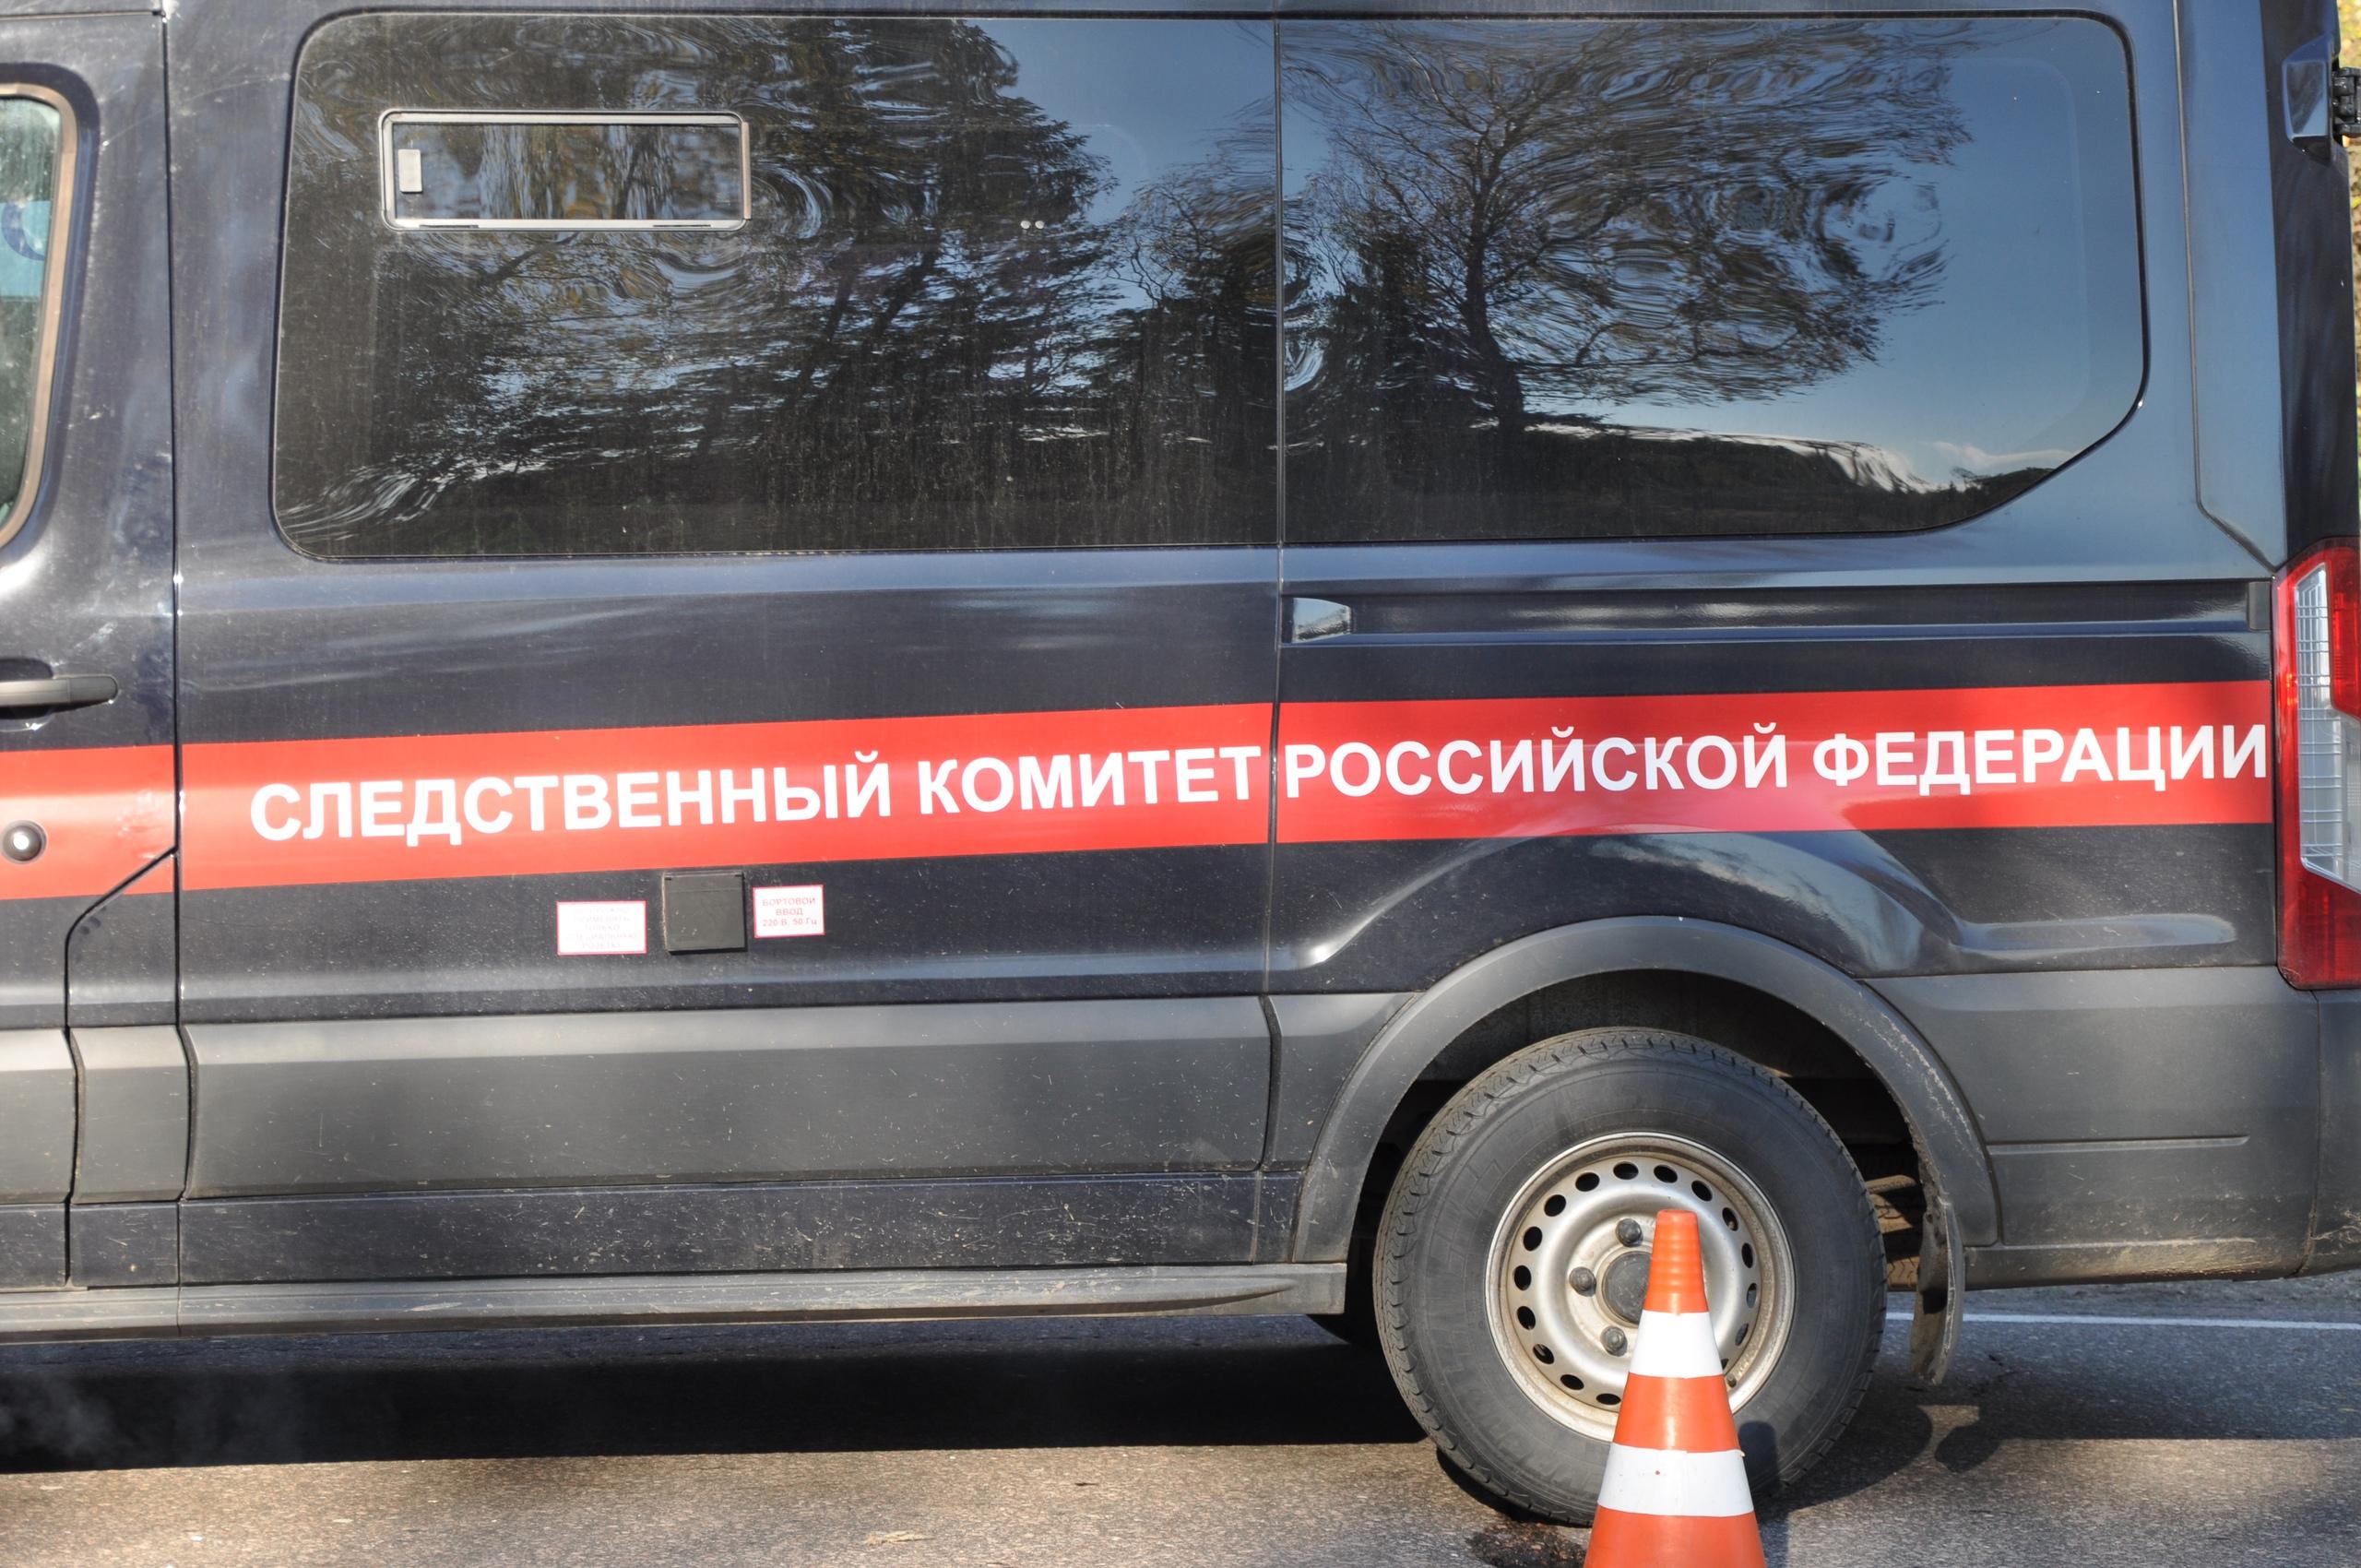 В СК рассказали подробности ареста чиновника из администрации Твери - новости Афанасий